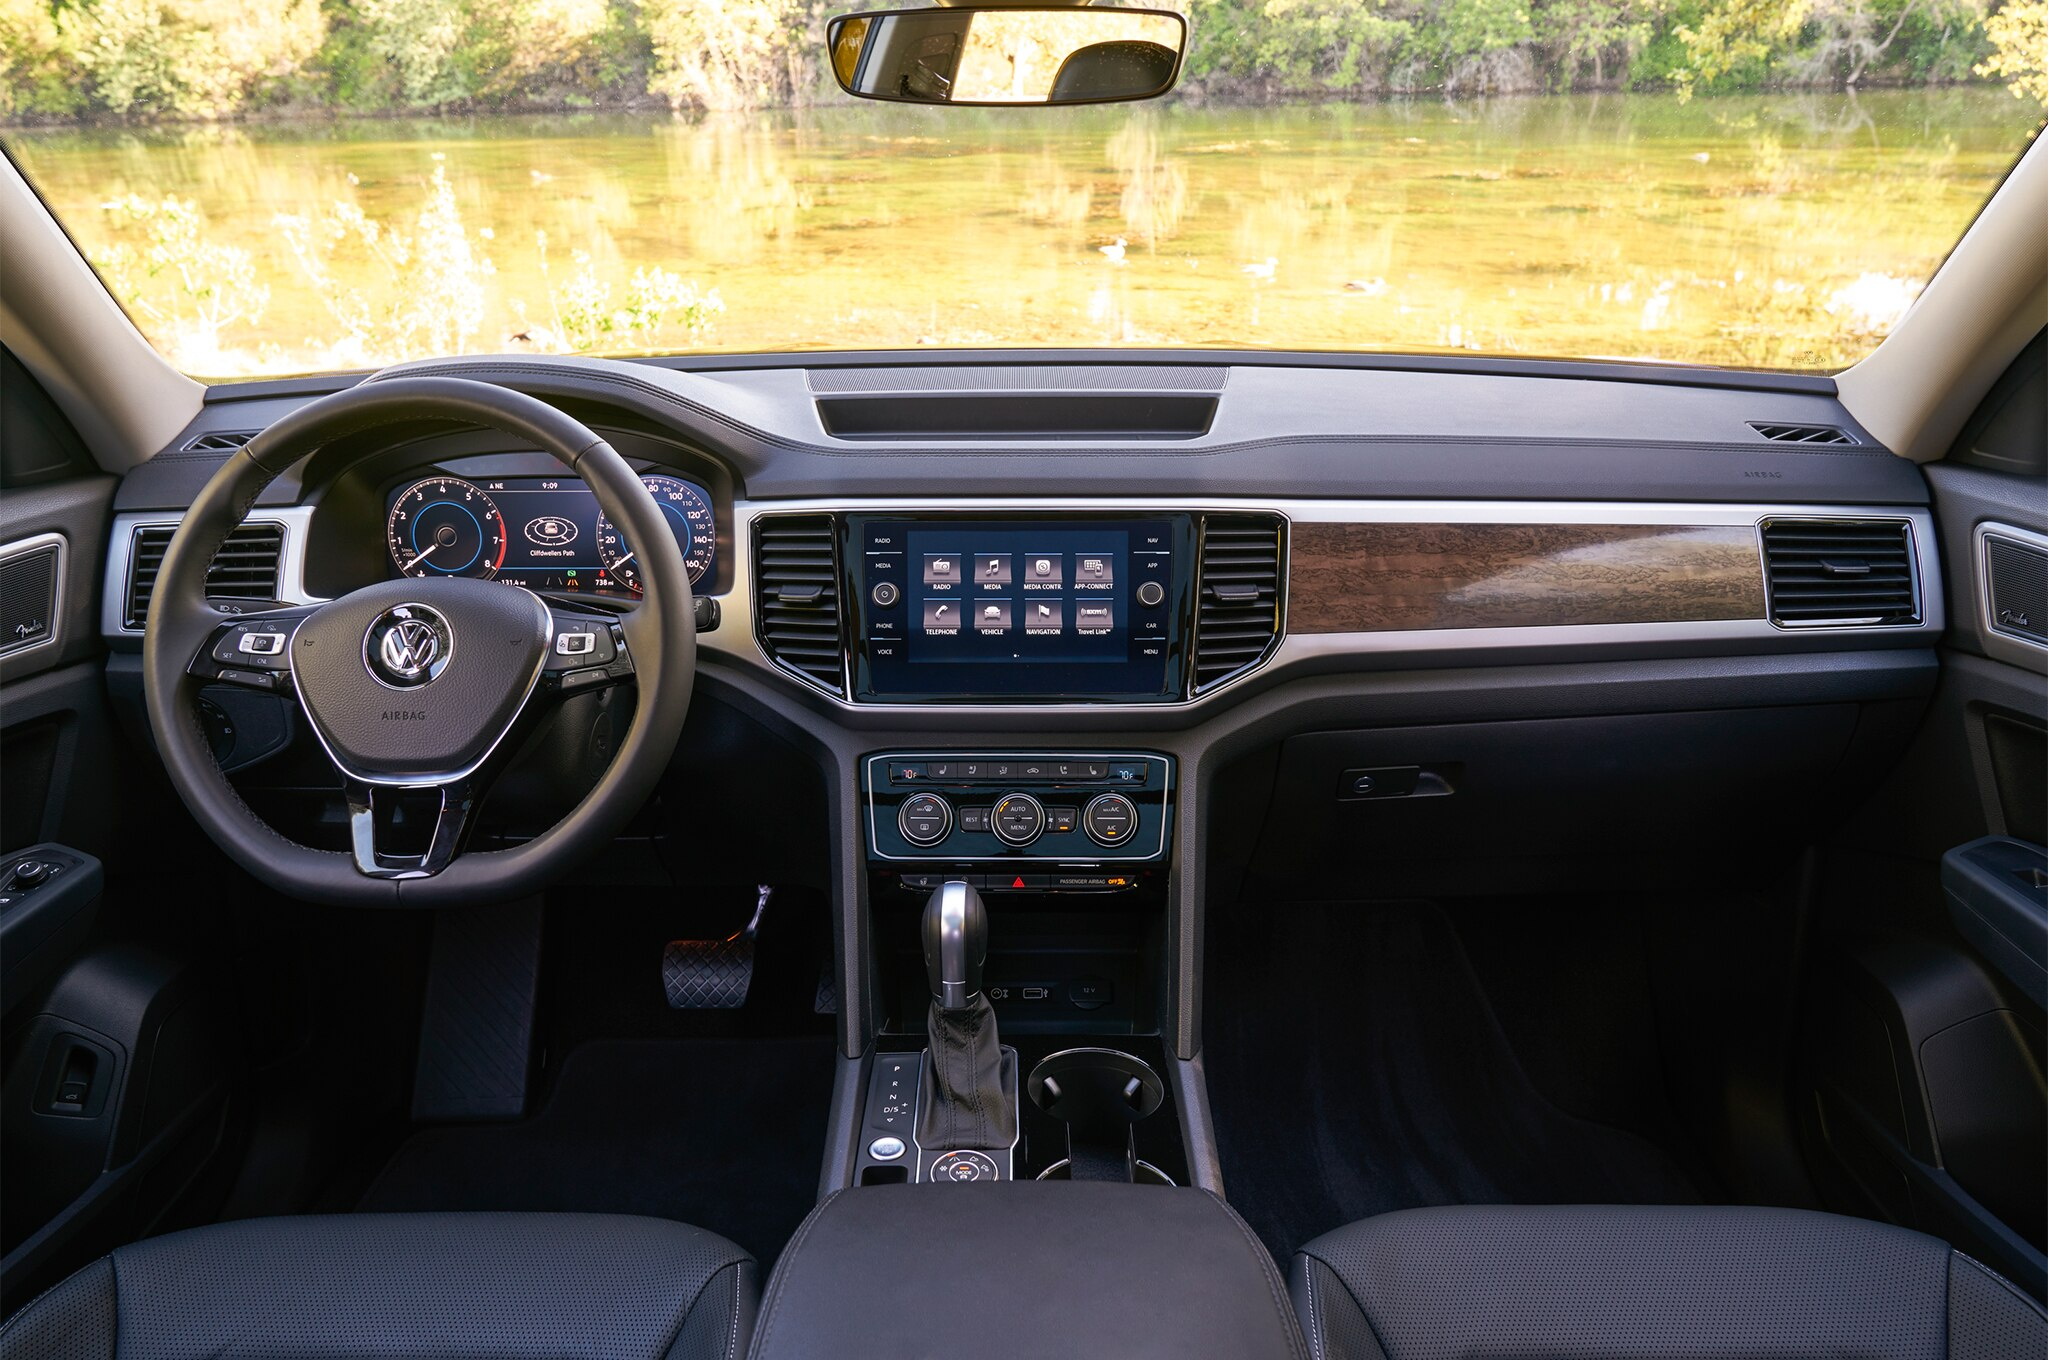 2018 volkswagen jetta interior. brilliant 2018 show more throughout 2018 volkswagen jetta interior